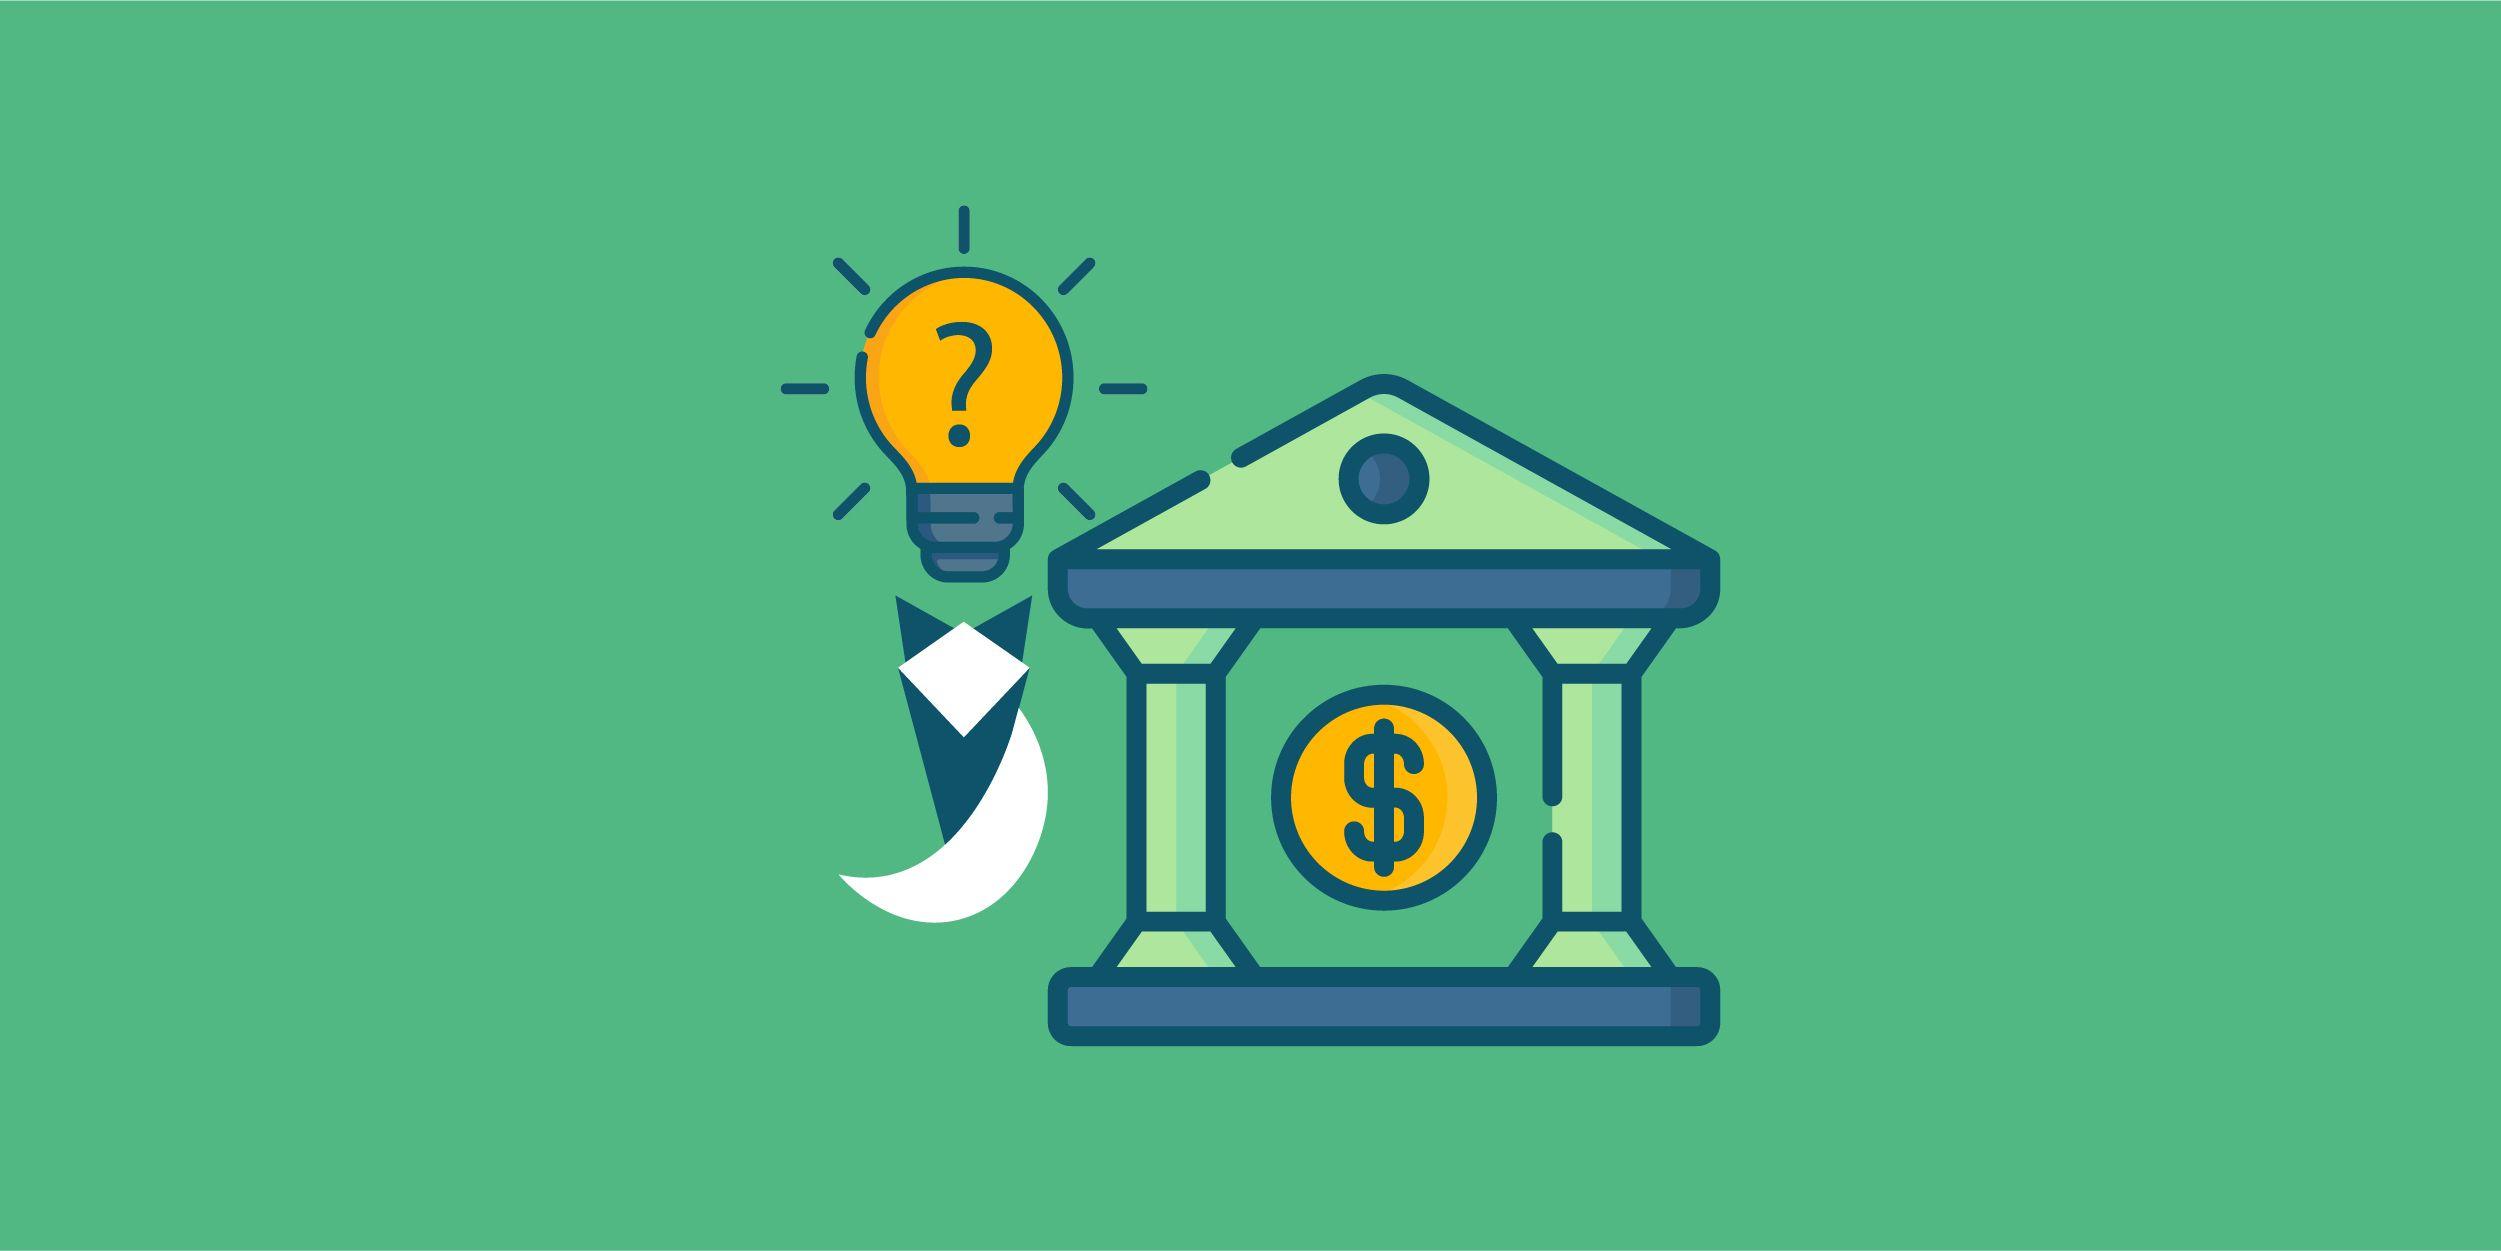 أمتي بدأت فكرة البنوك في العالم ، وايه سبب ظهورها؟